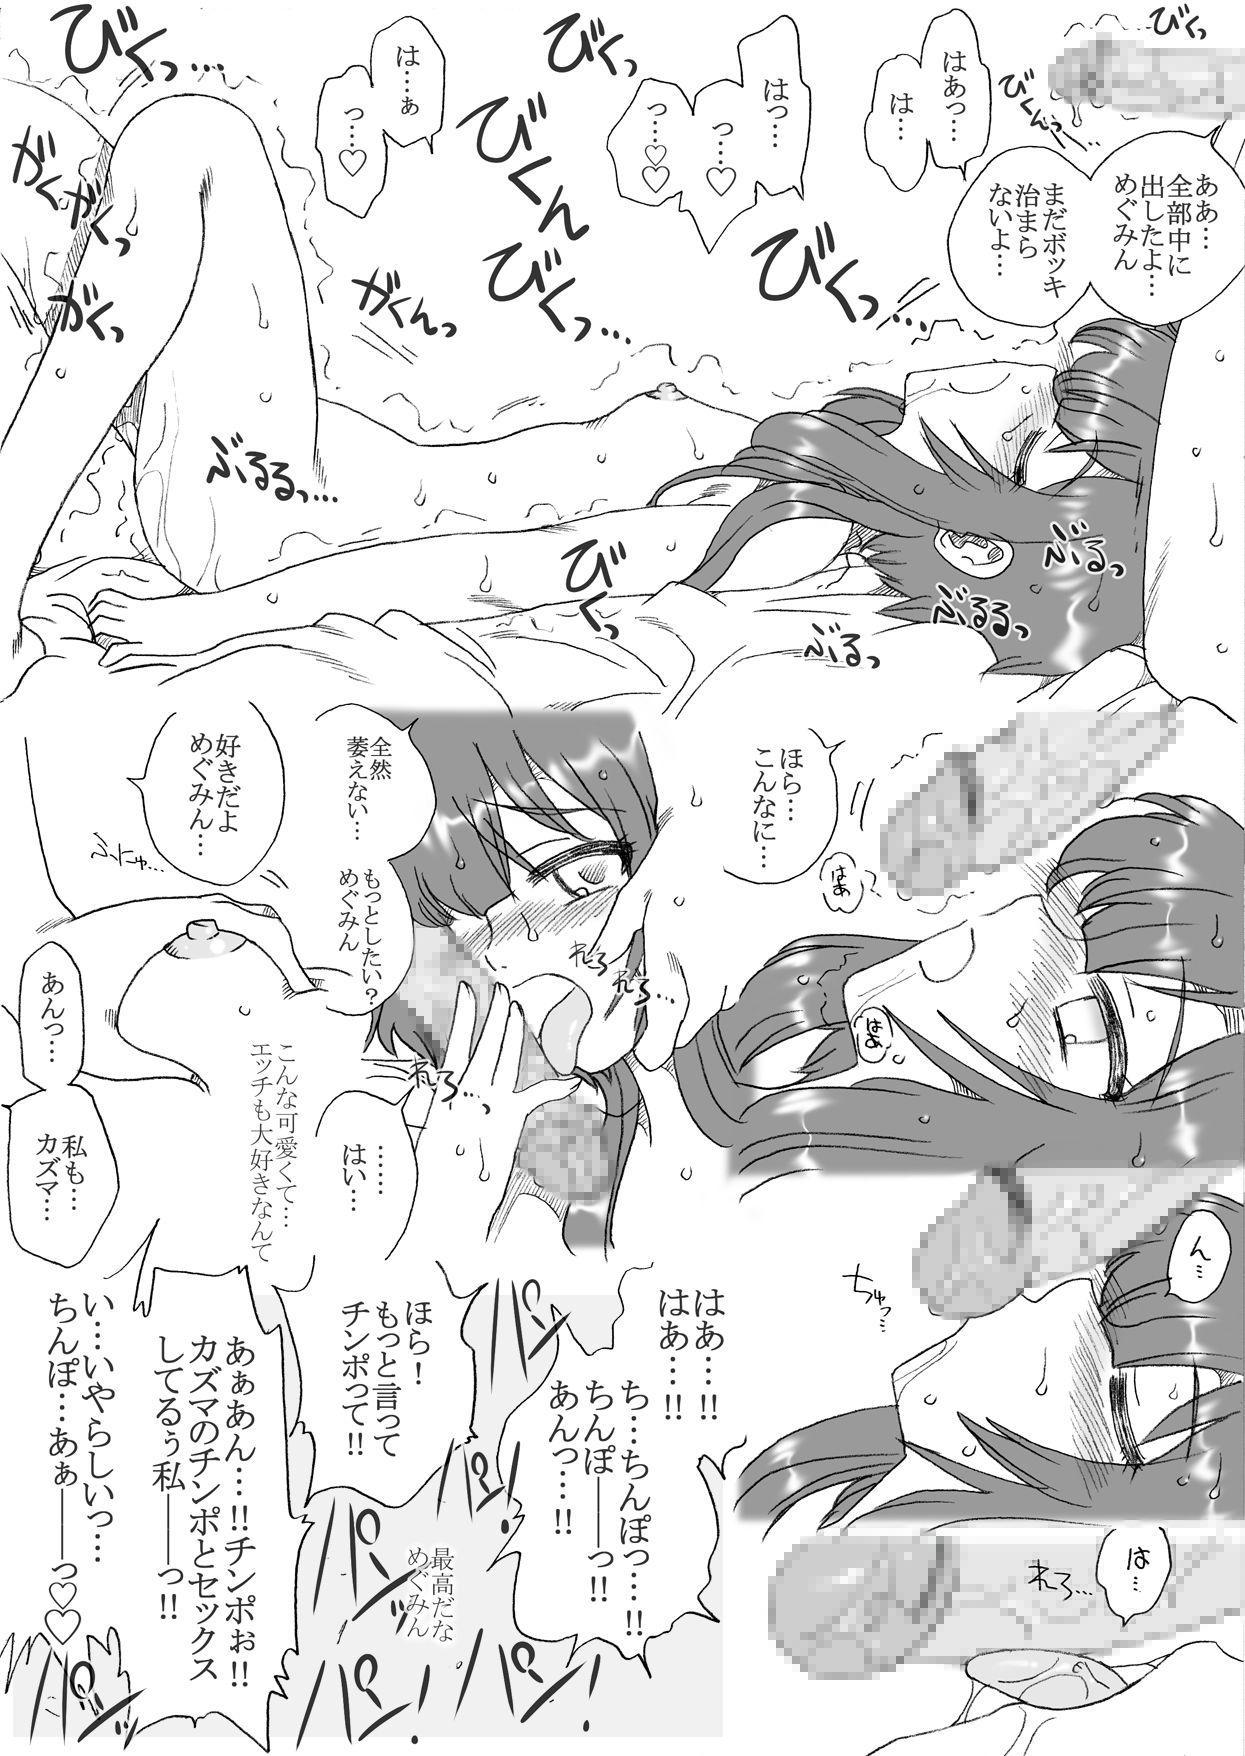 Kawaii bakuretsu musume o futari tomo! 15